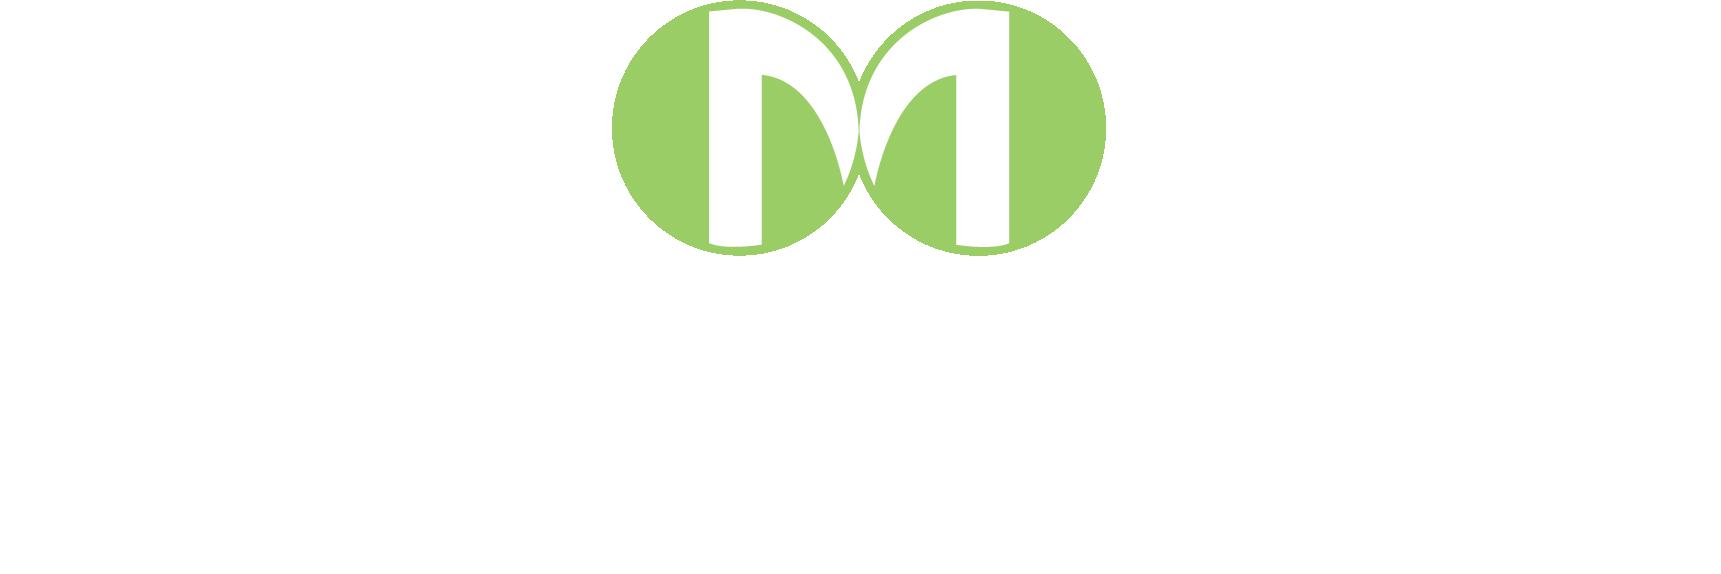 MW logo green_PMS 375-White.png